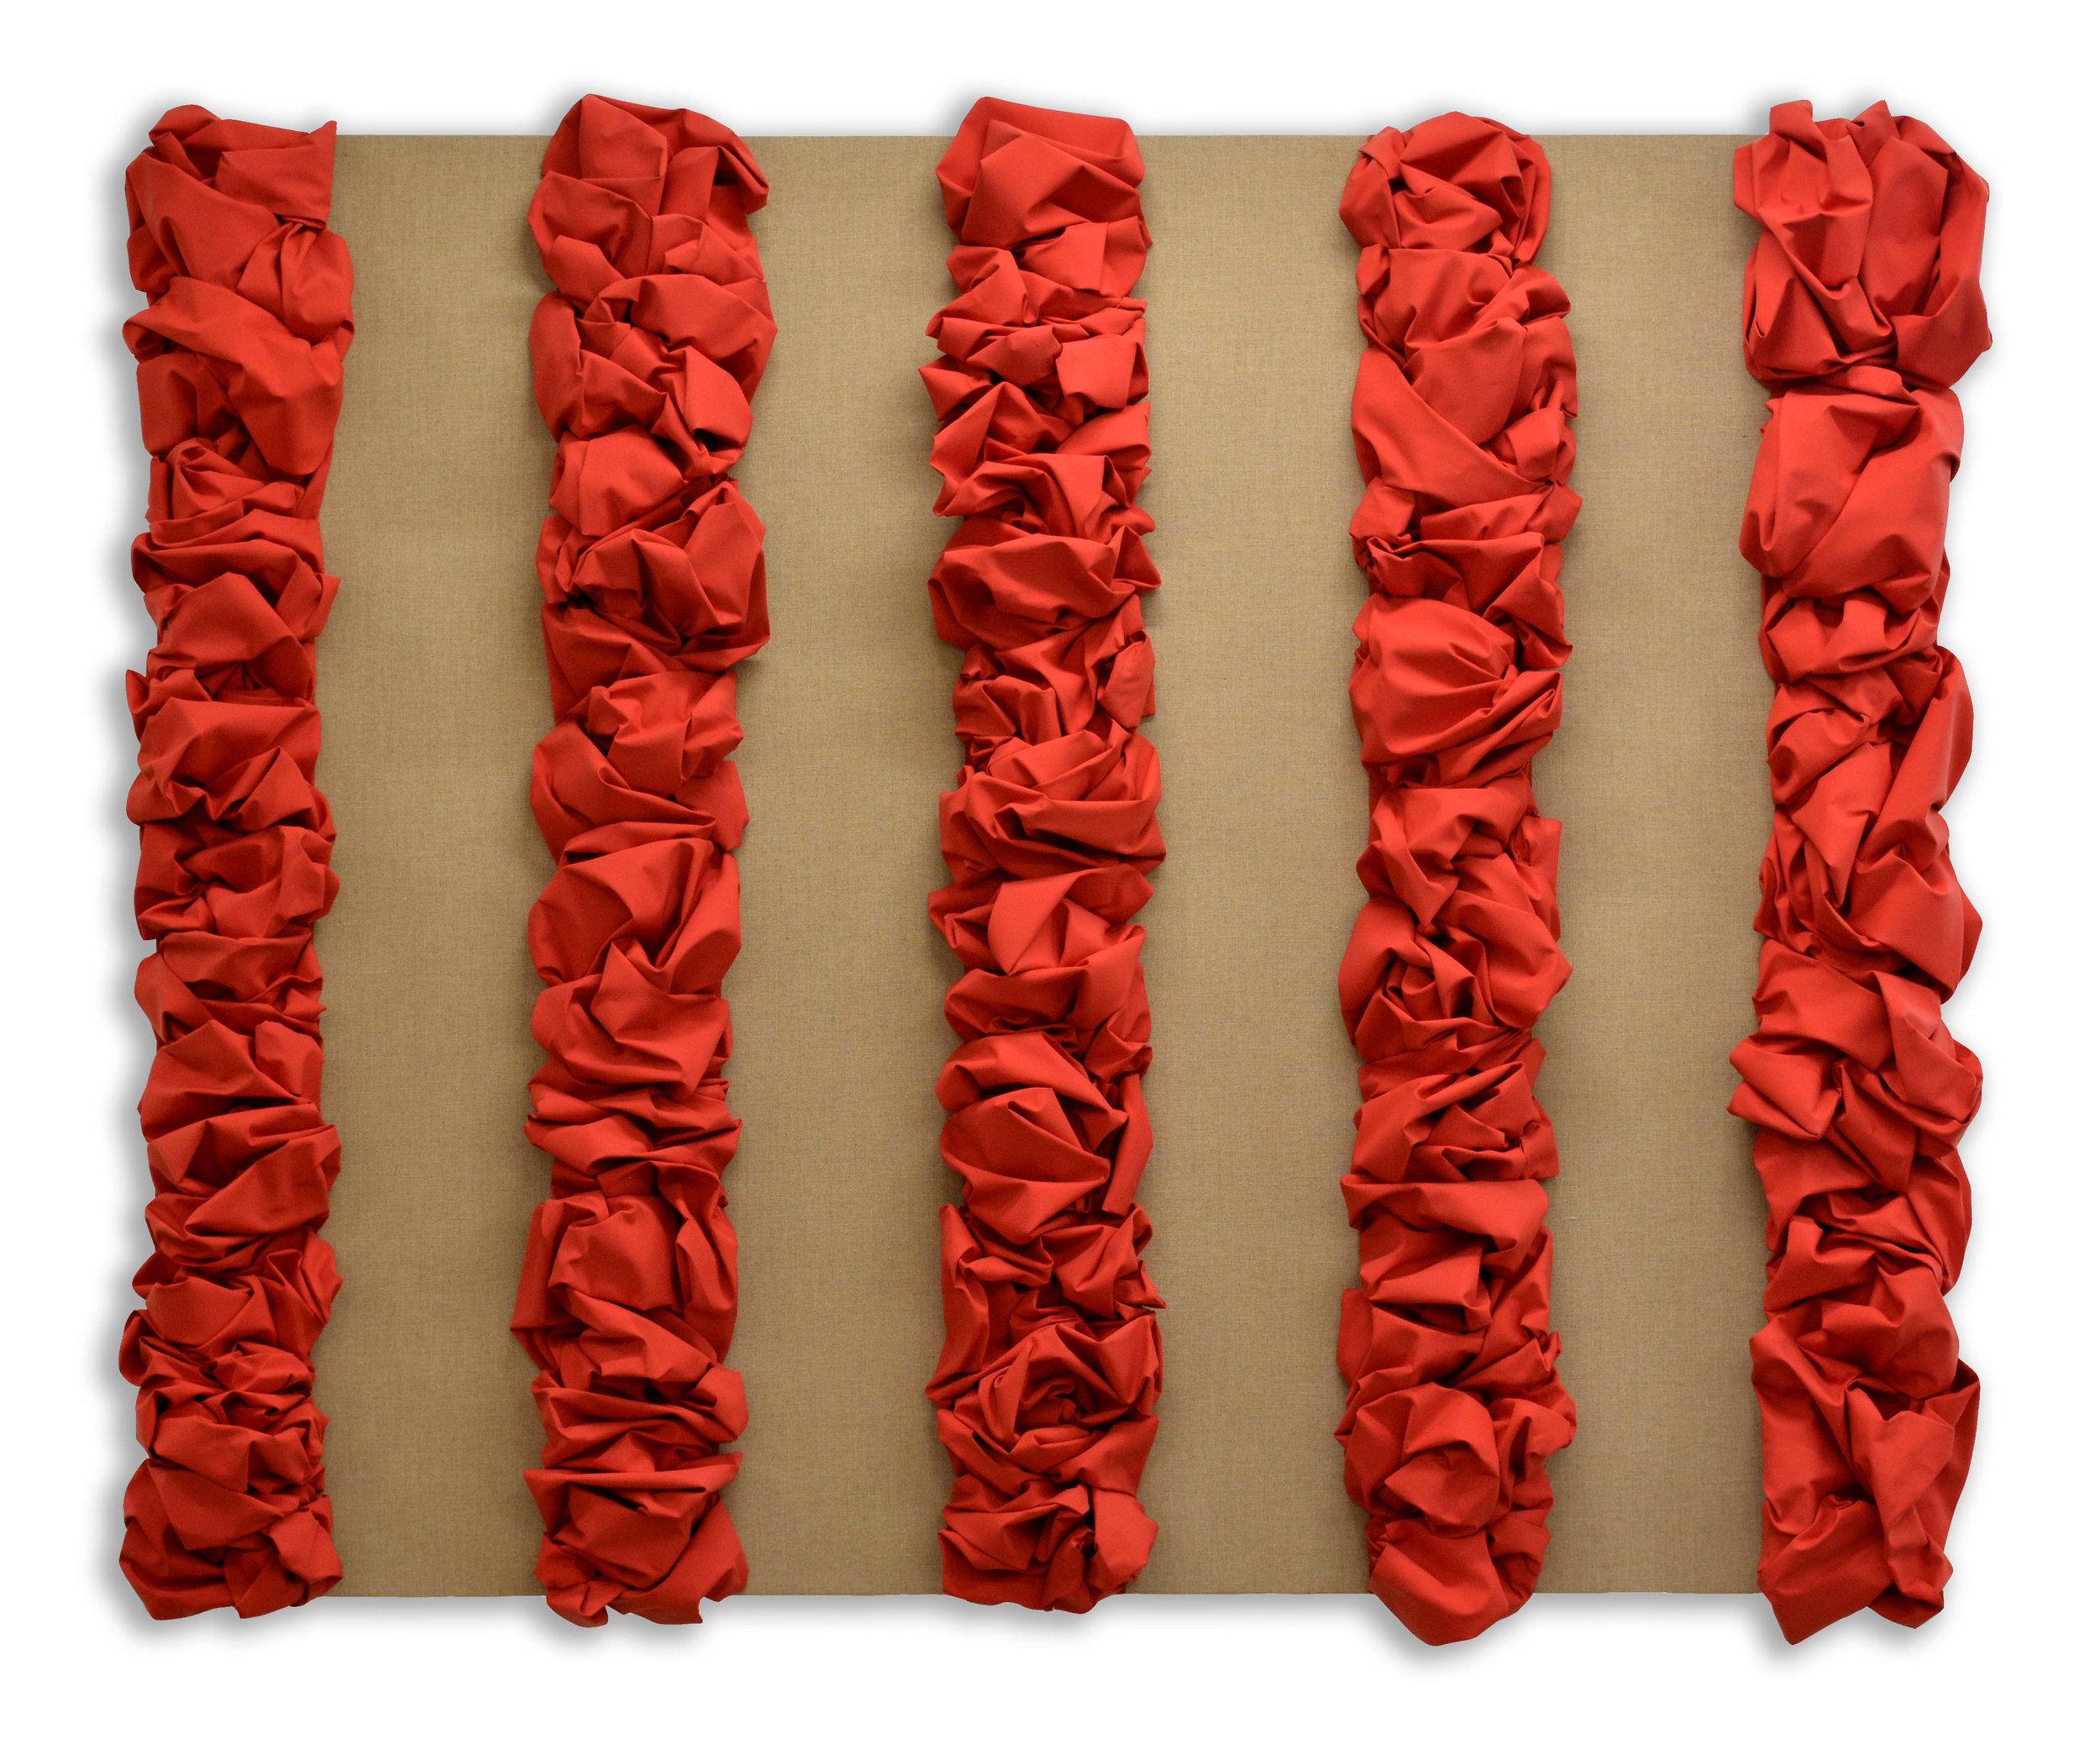 Cadmium - Raw - Cadmium  - 2018  Pigmento acrilico su tela, applicata su tela di lino grezza, stesa su tavola  180 x 220 cm